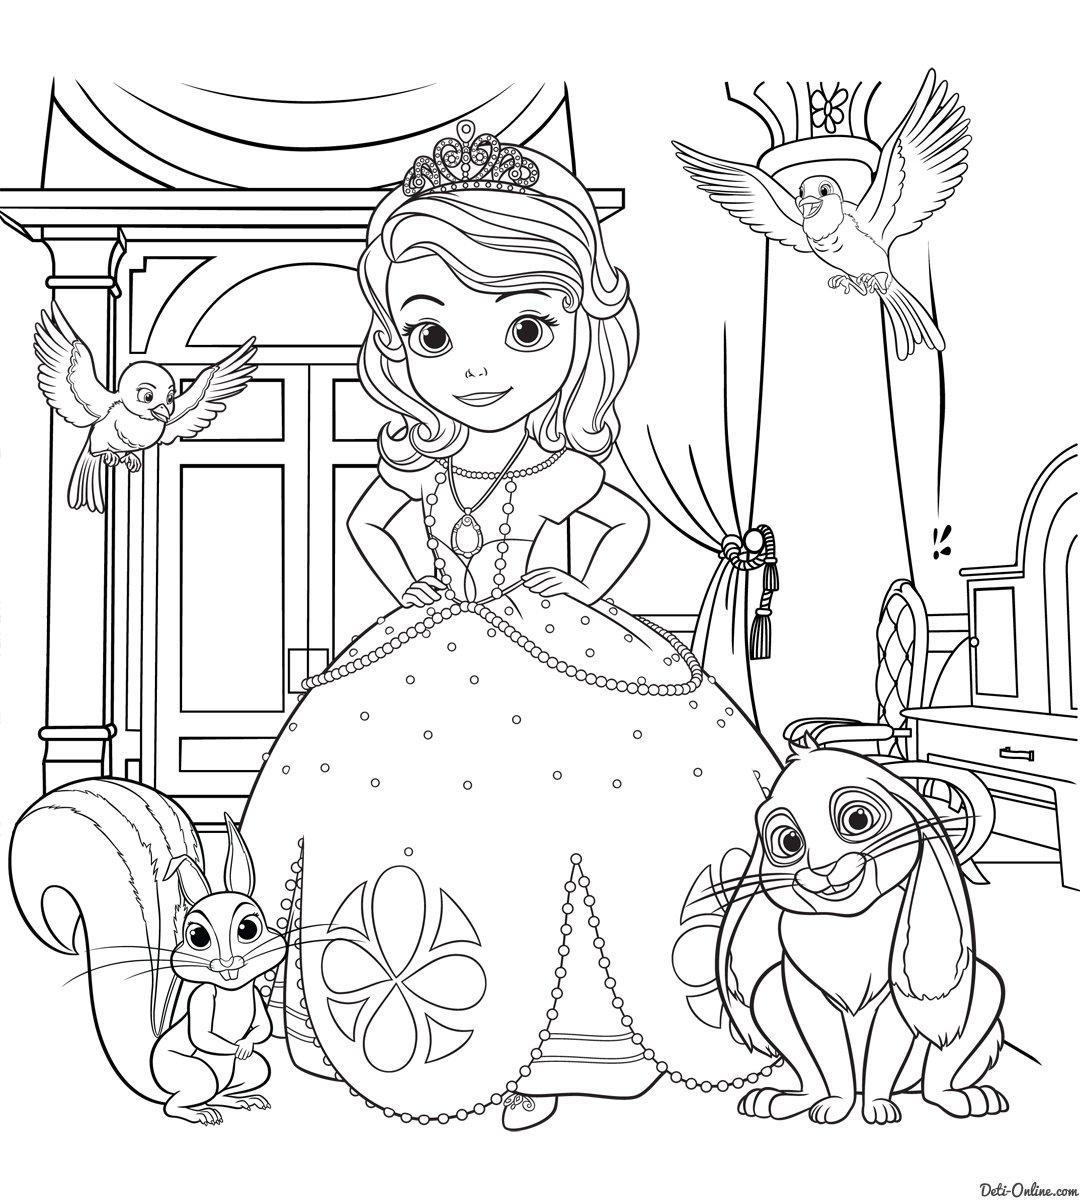 Картинки с принцессами раскраски